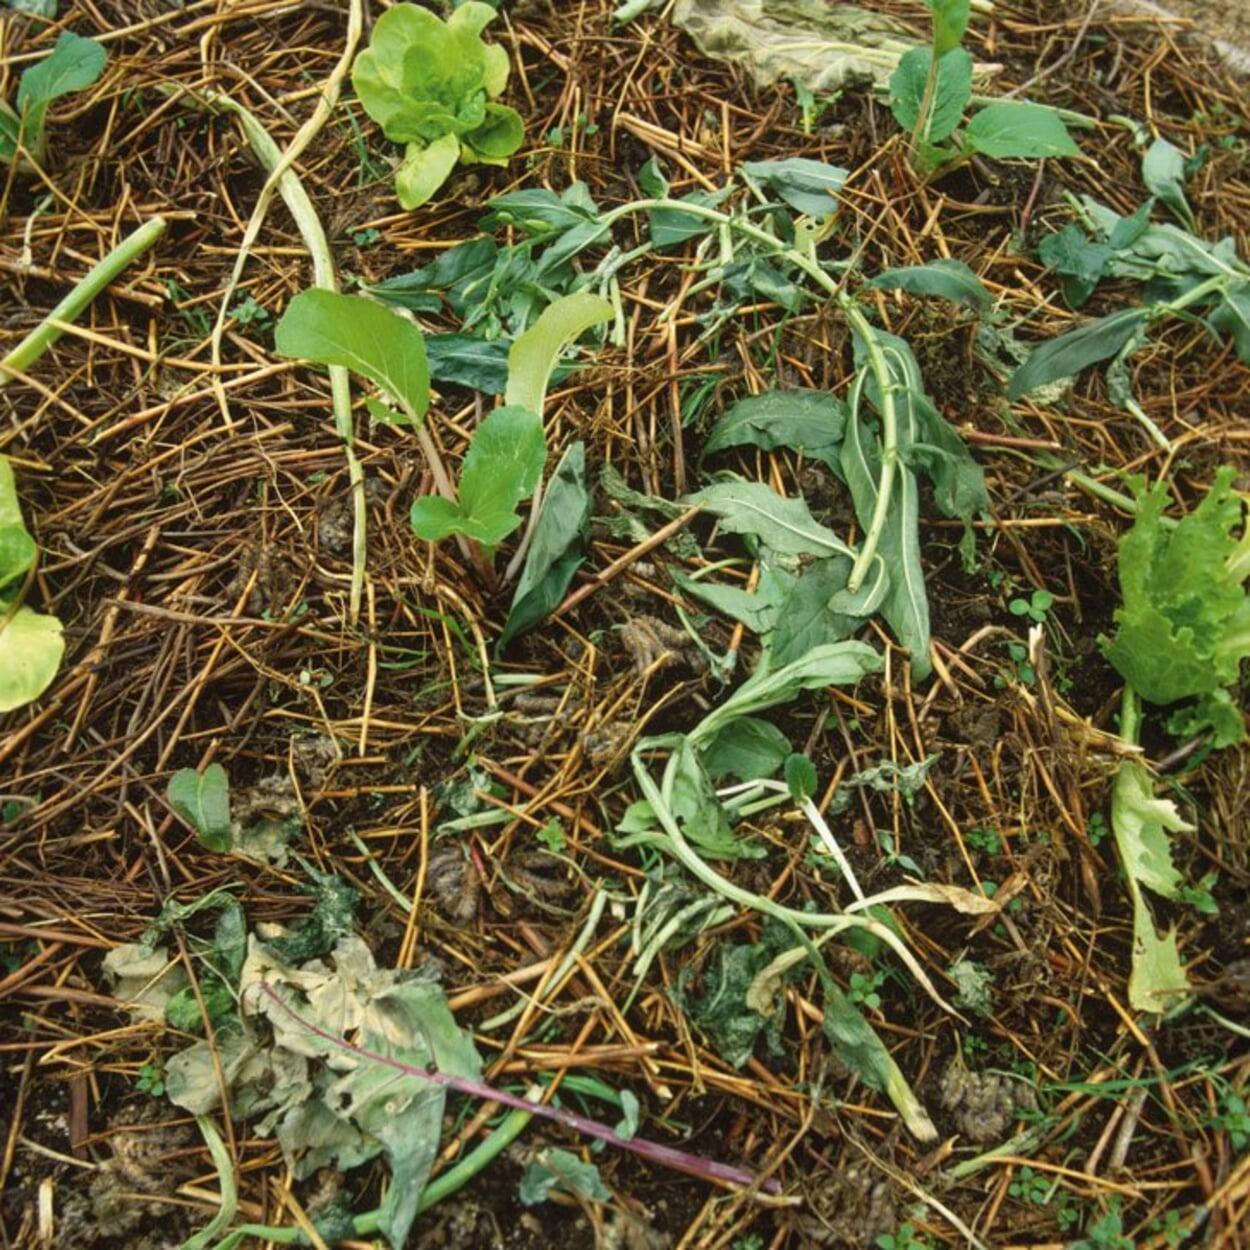 Erntereste als Mulchmaterial im Gemüsebeet belassen